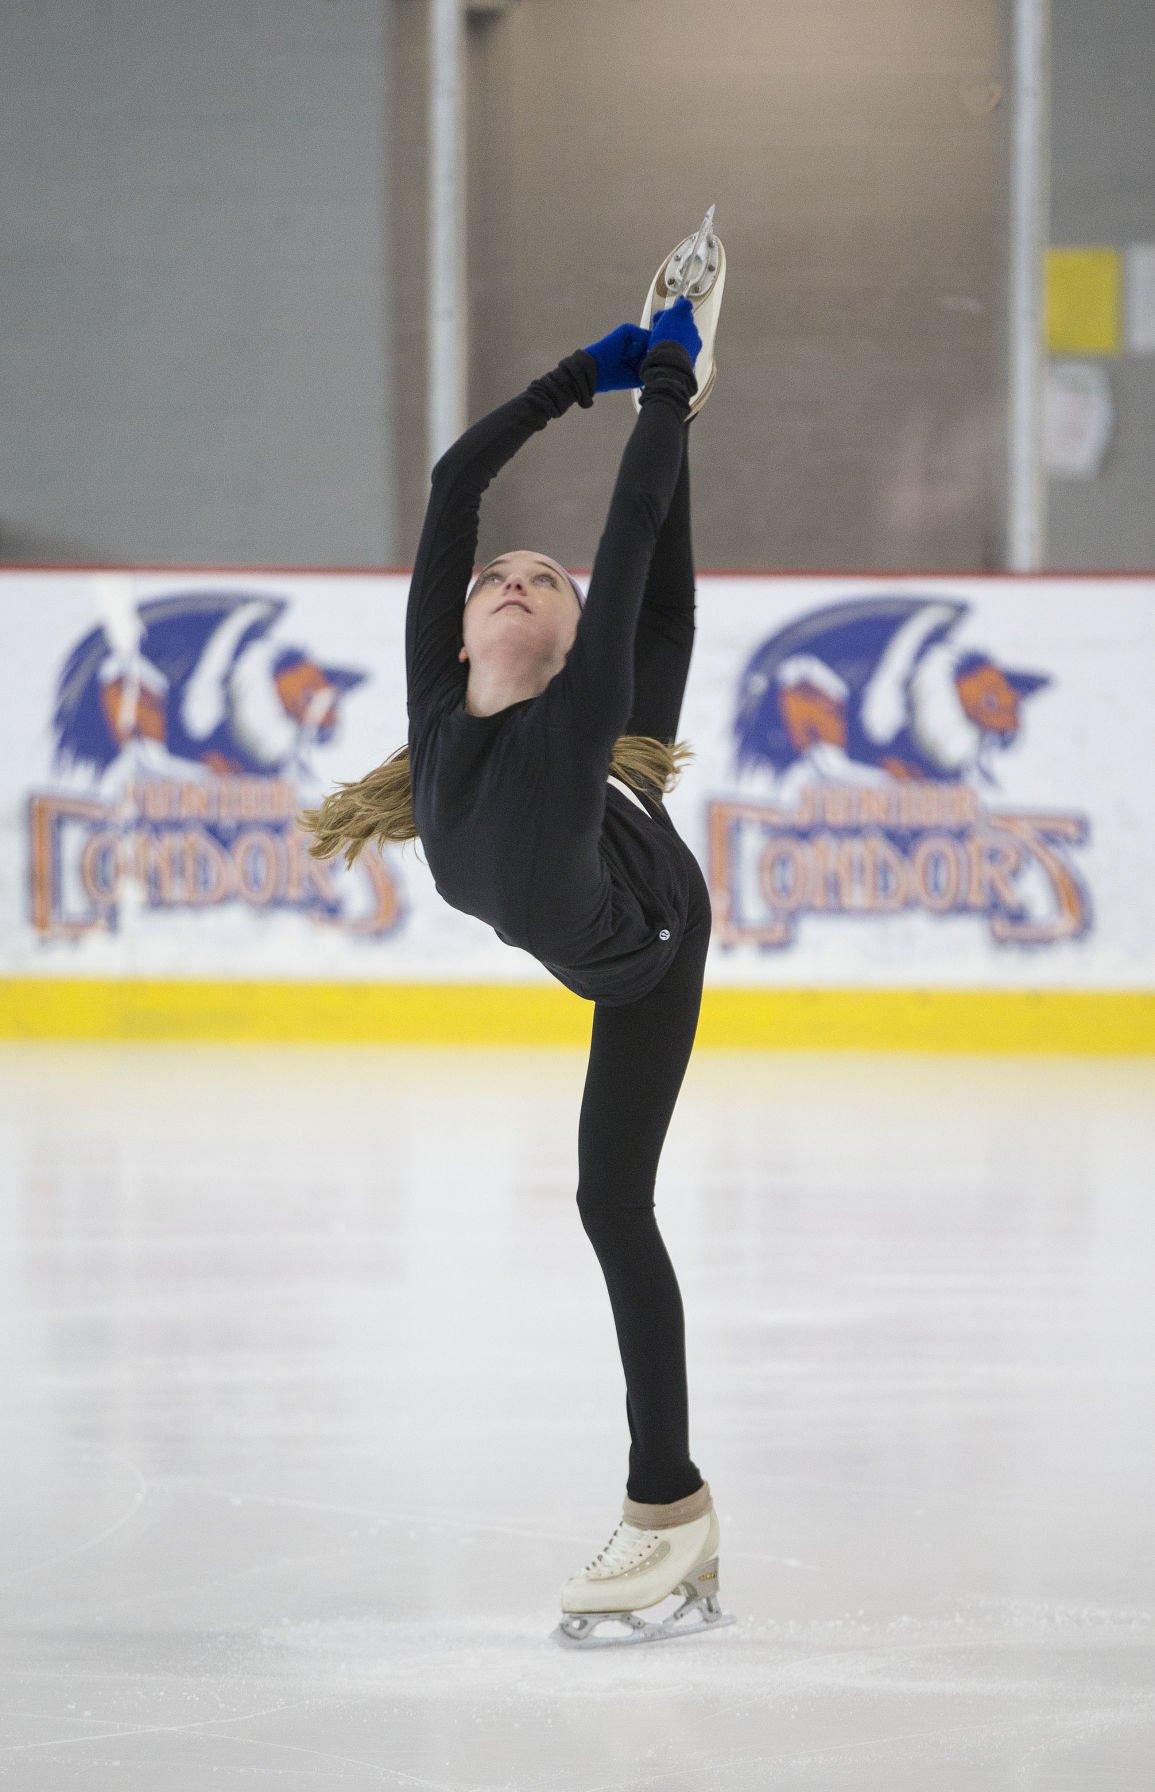 20181206-bc-skating